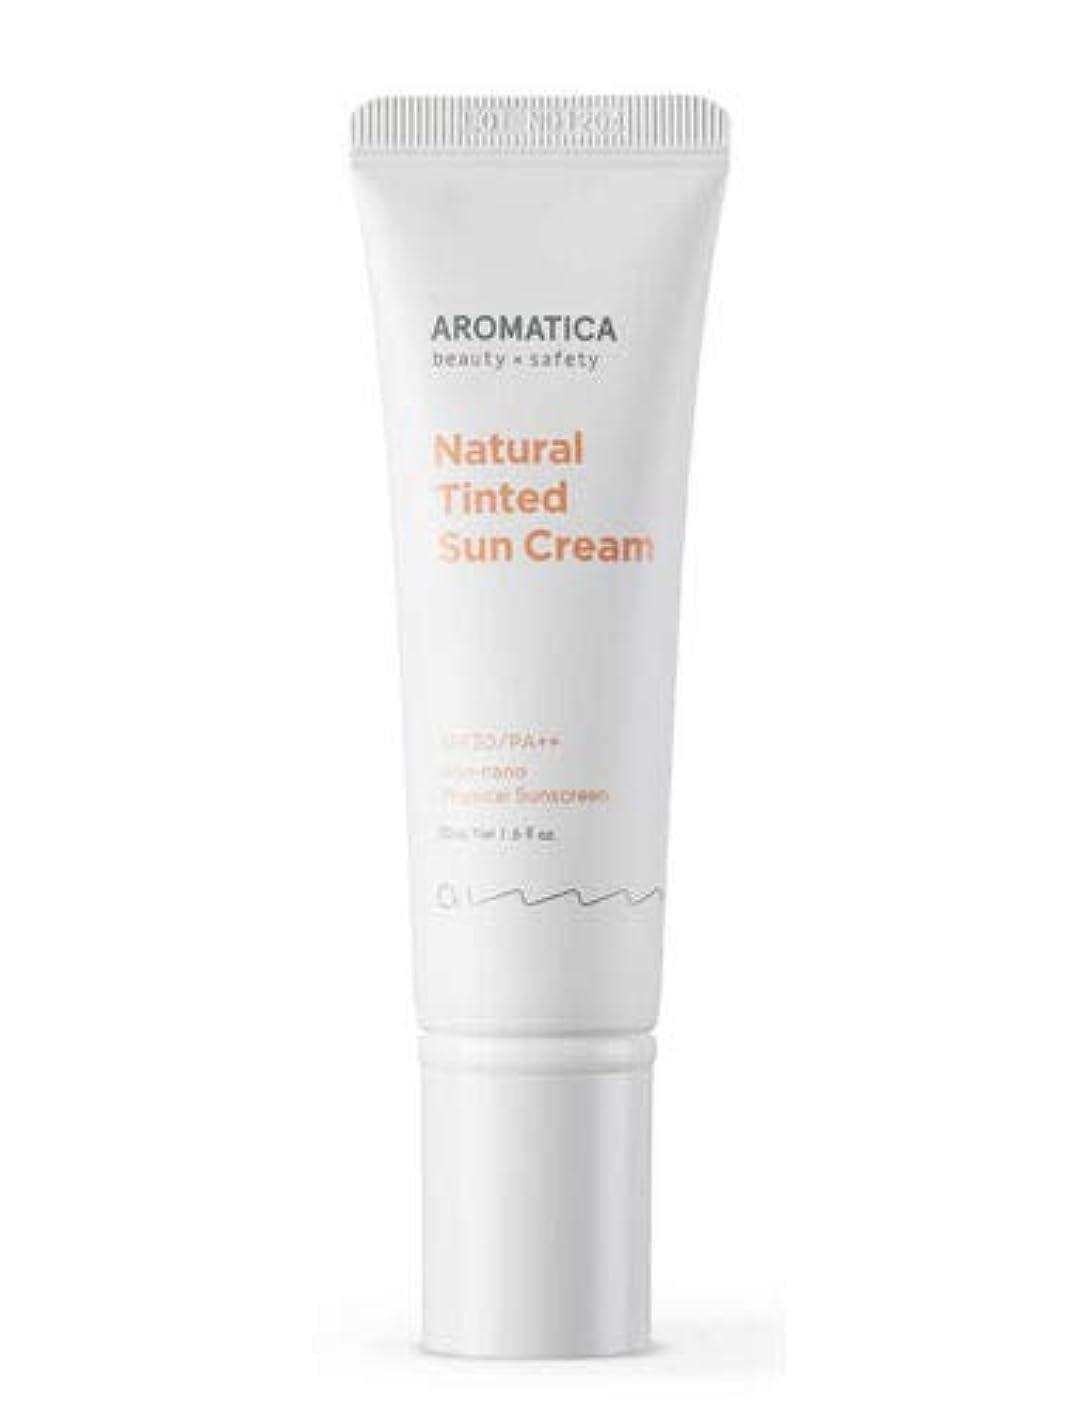 哲学的ほめる仕事に行くAROMATICA アロマティカ Natural Tinted Sun Cream サンクリーム (50ml) SPF30/PA++ 米国 日焼け止め